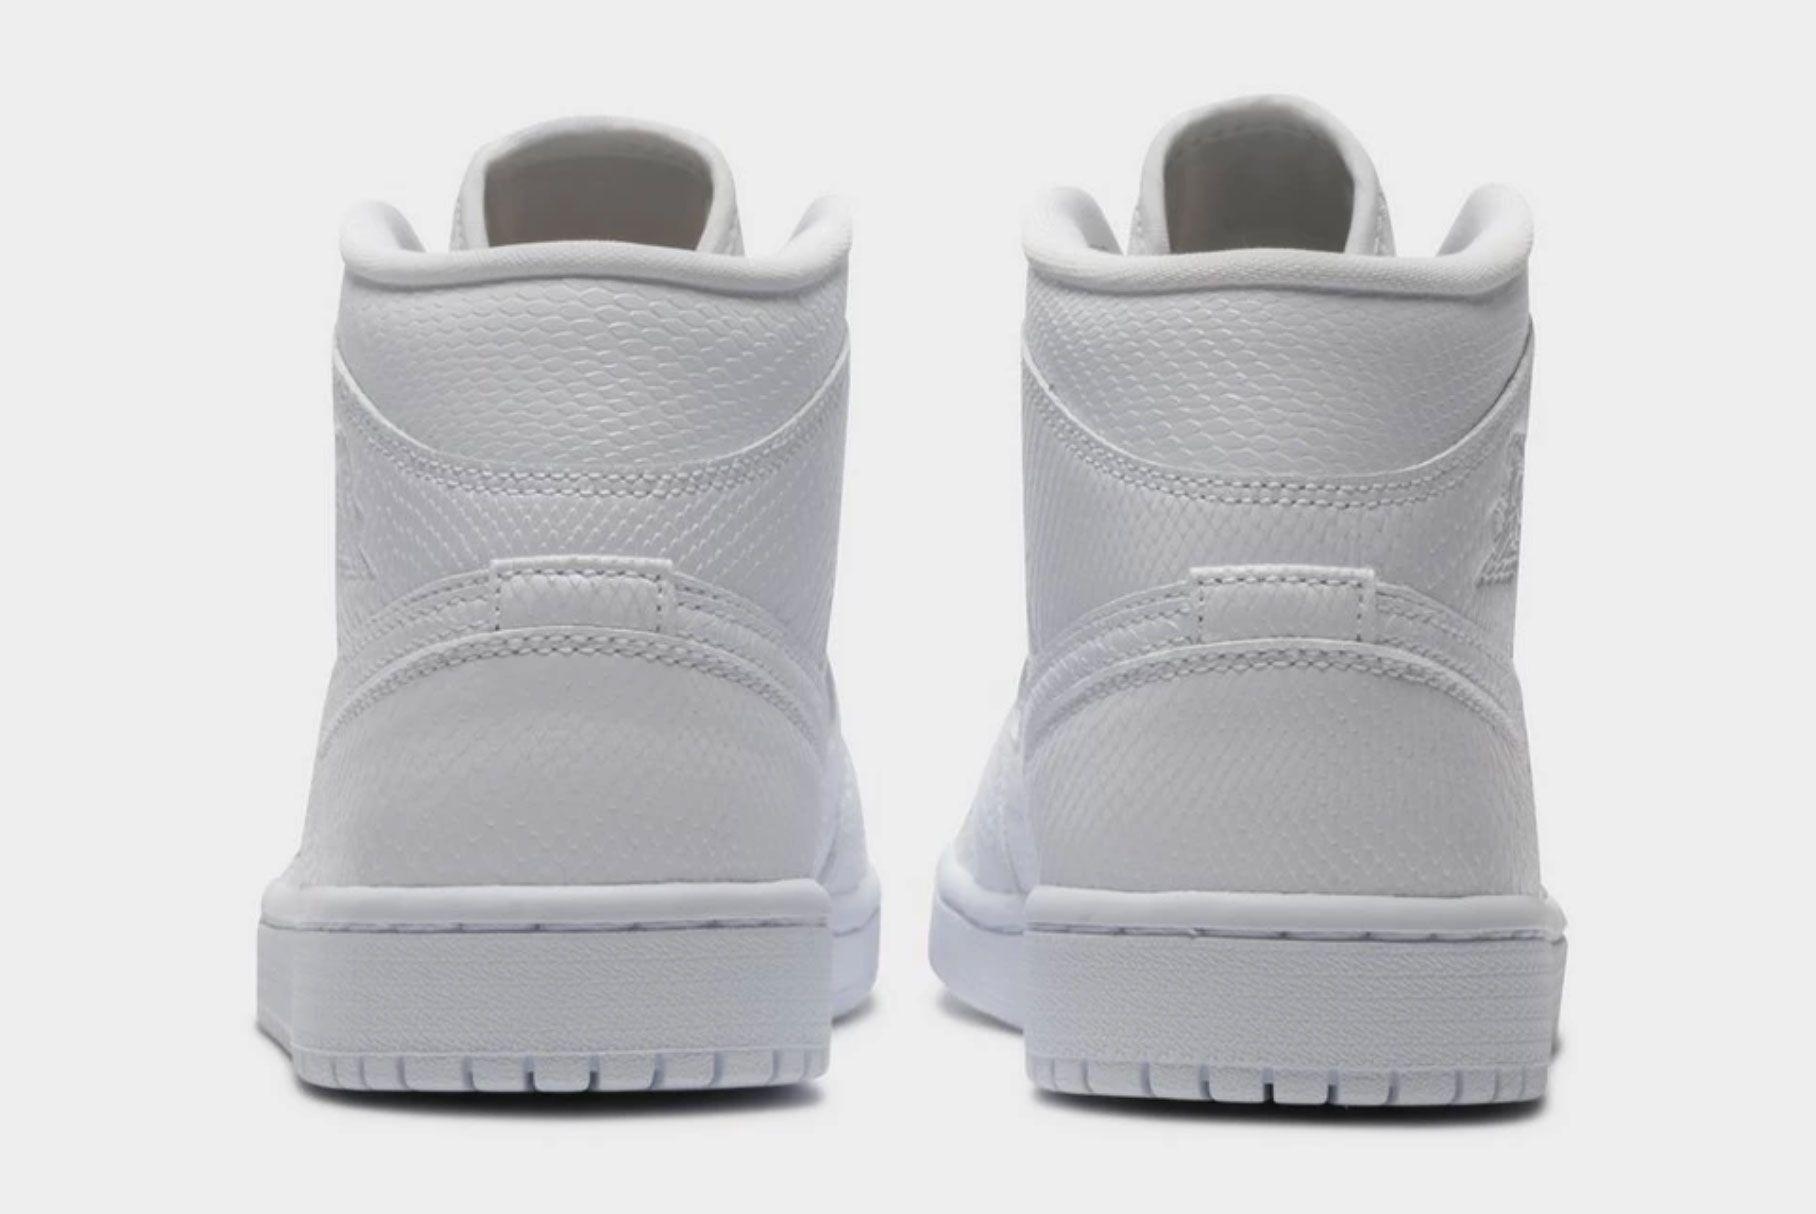 Air Jordan 1 Mid (White Snakeskin)